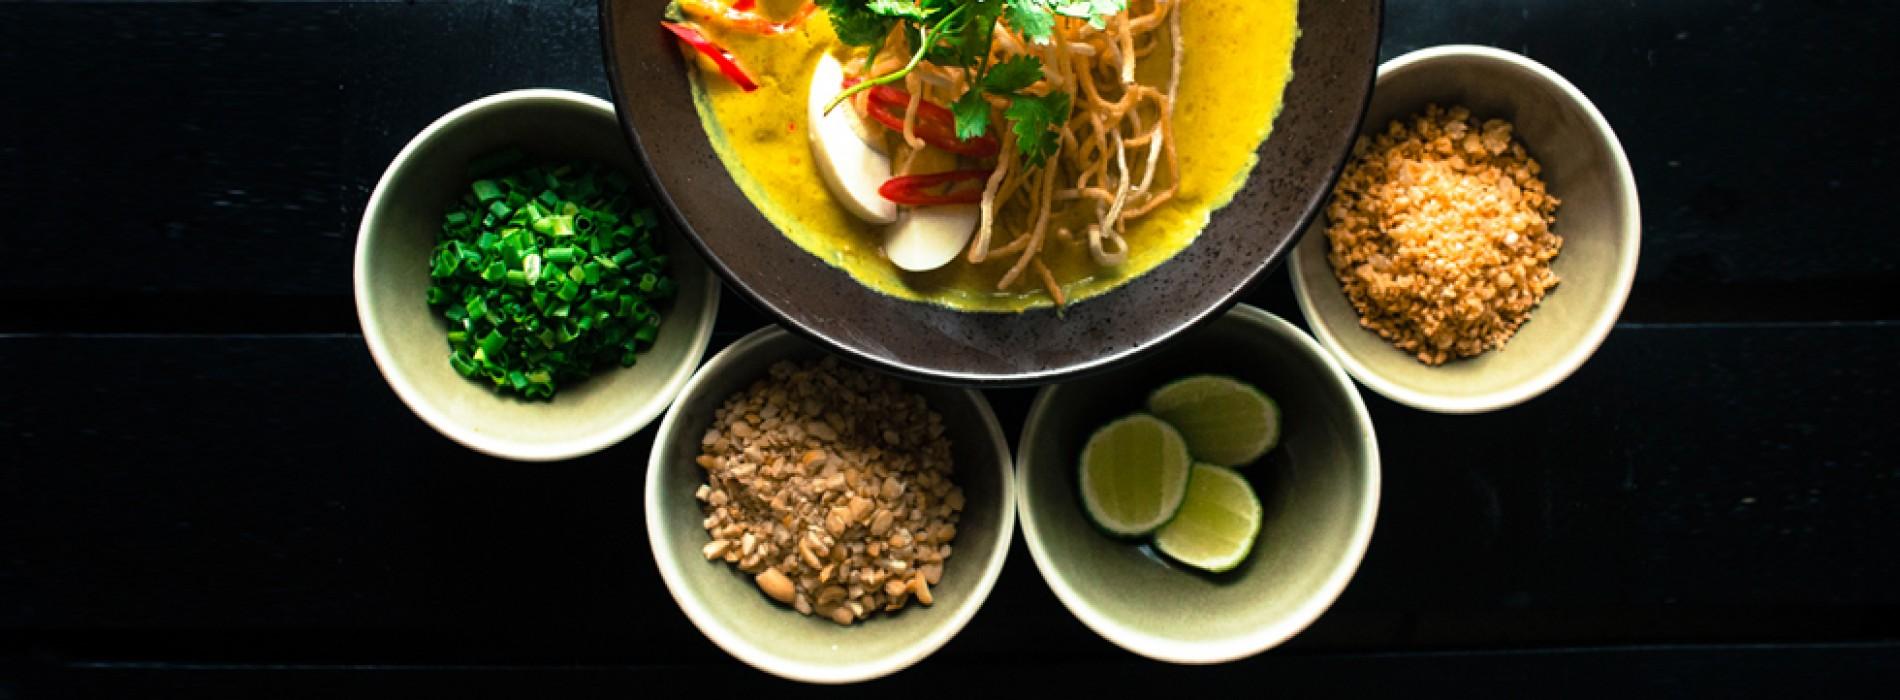 Dreamy treats at JW Kitchen @JW Marriott Kolkata